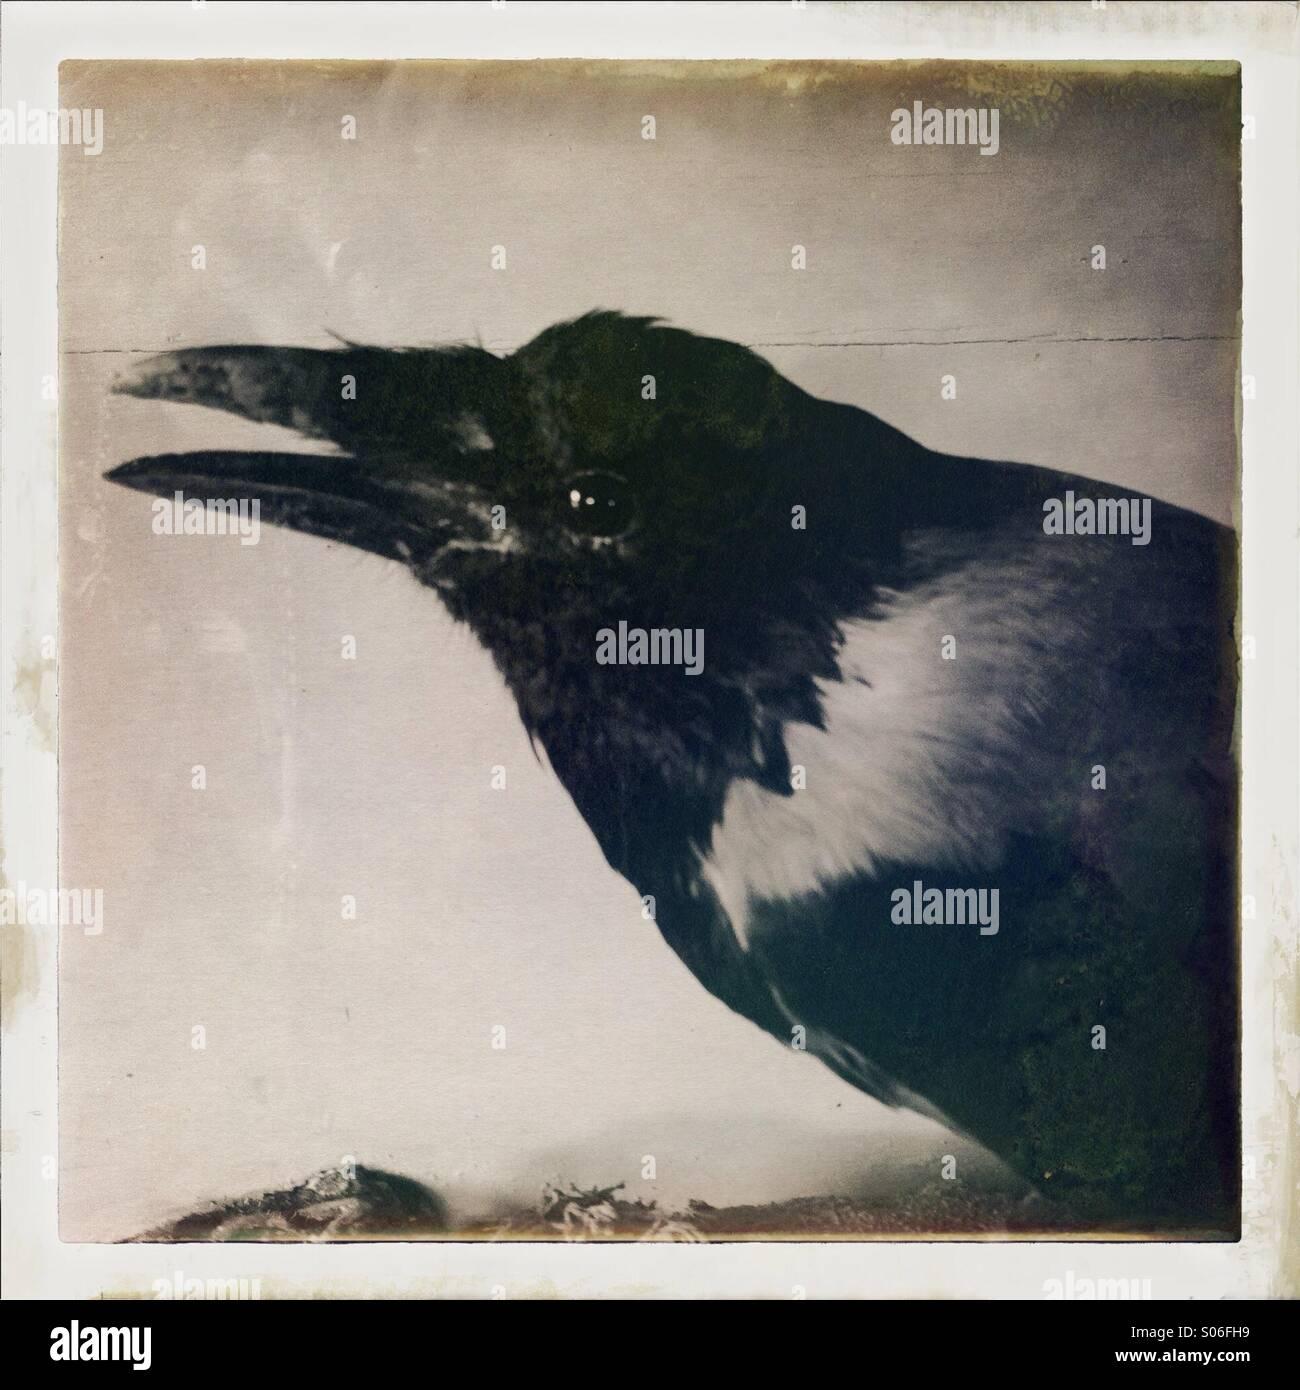 A shiny eyed, sharp beaked crow - Stock Image